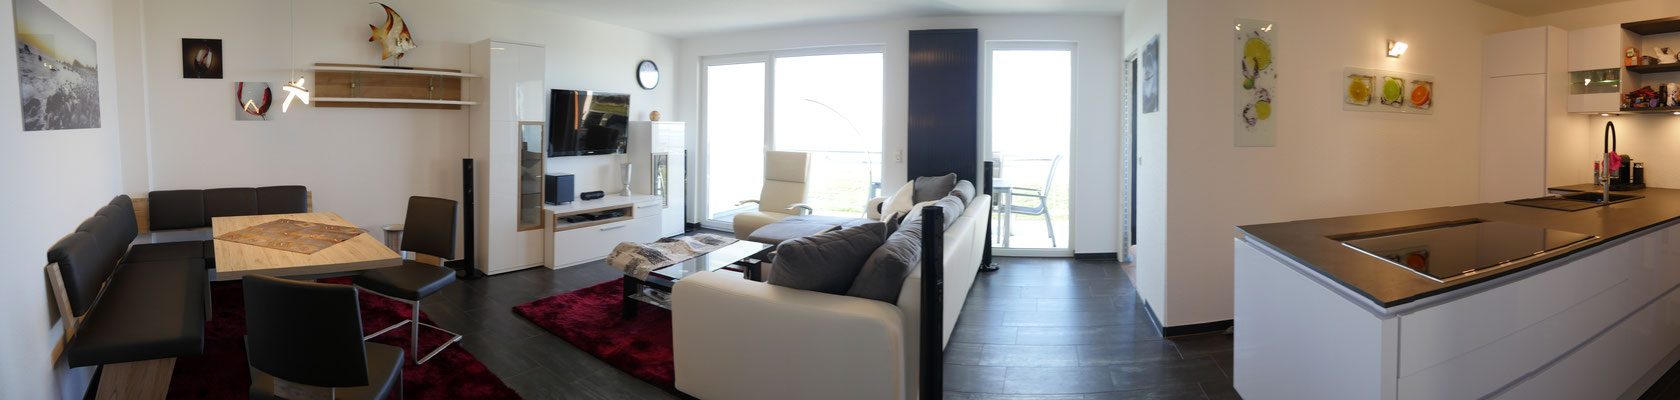 Auch die Küche ist perfekt im Wohnbereich der Ferienwohnung integriert.